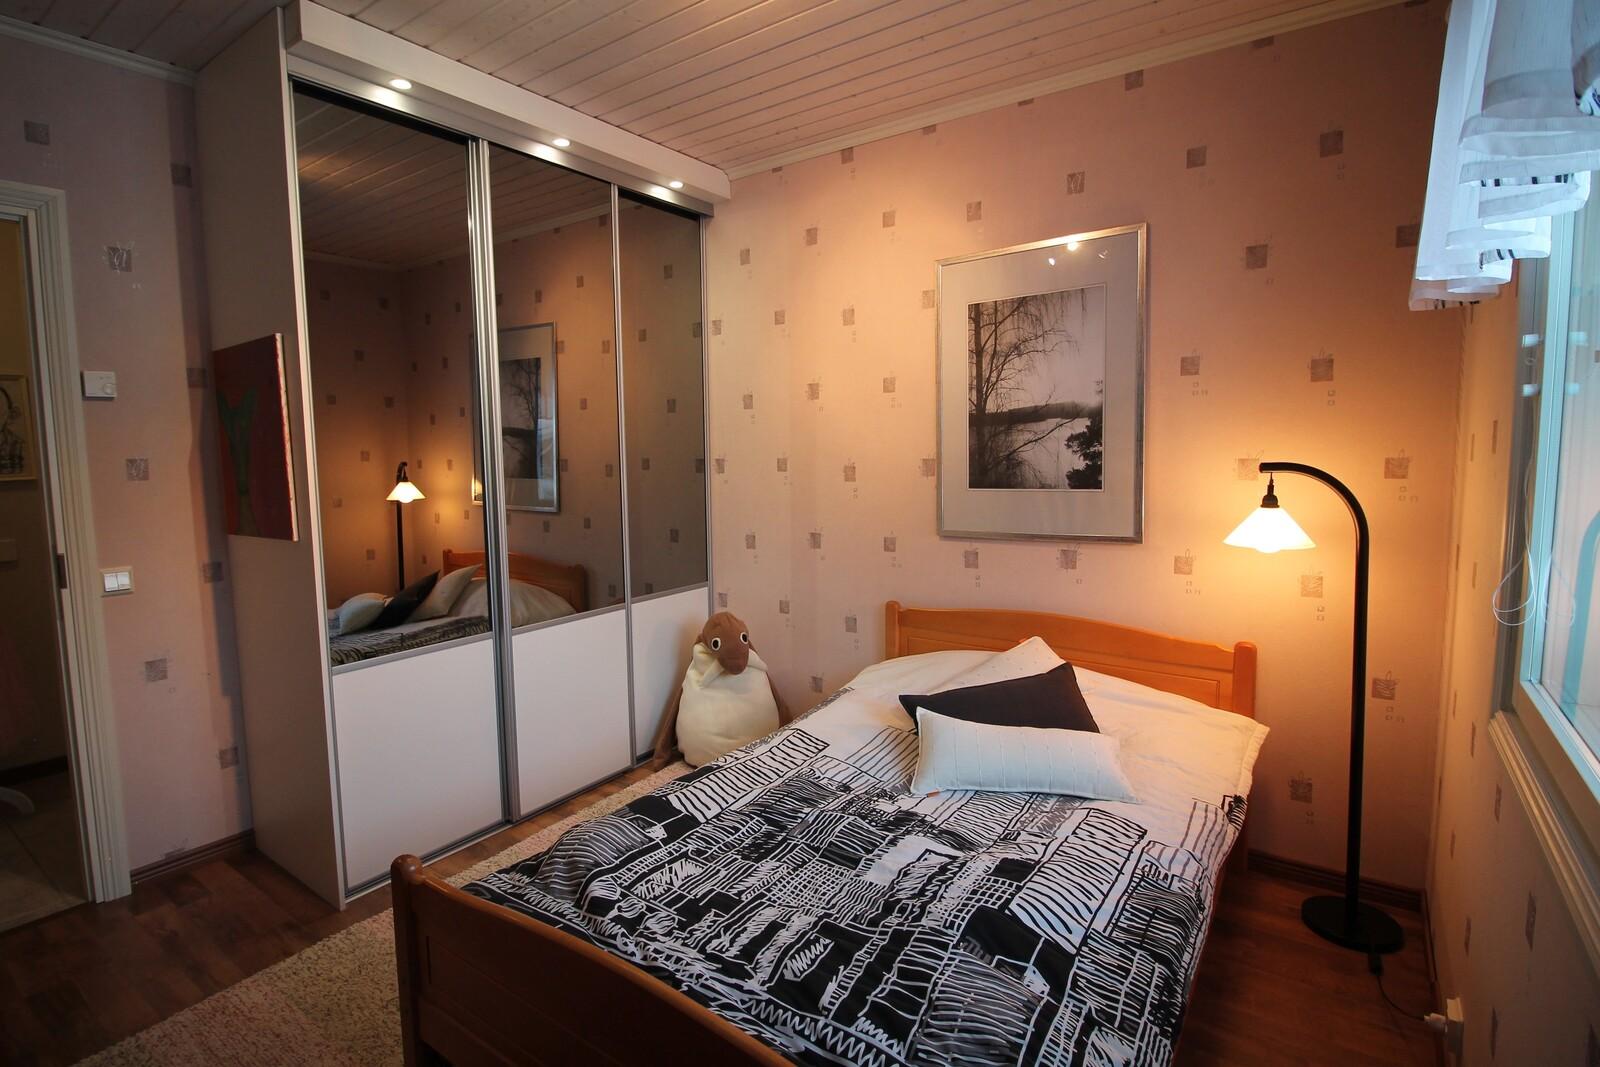 2.makuuhuone, jossa on suuri liukuovellinen kaappi.